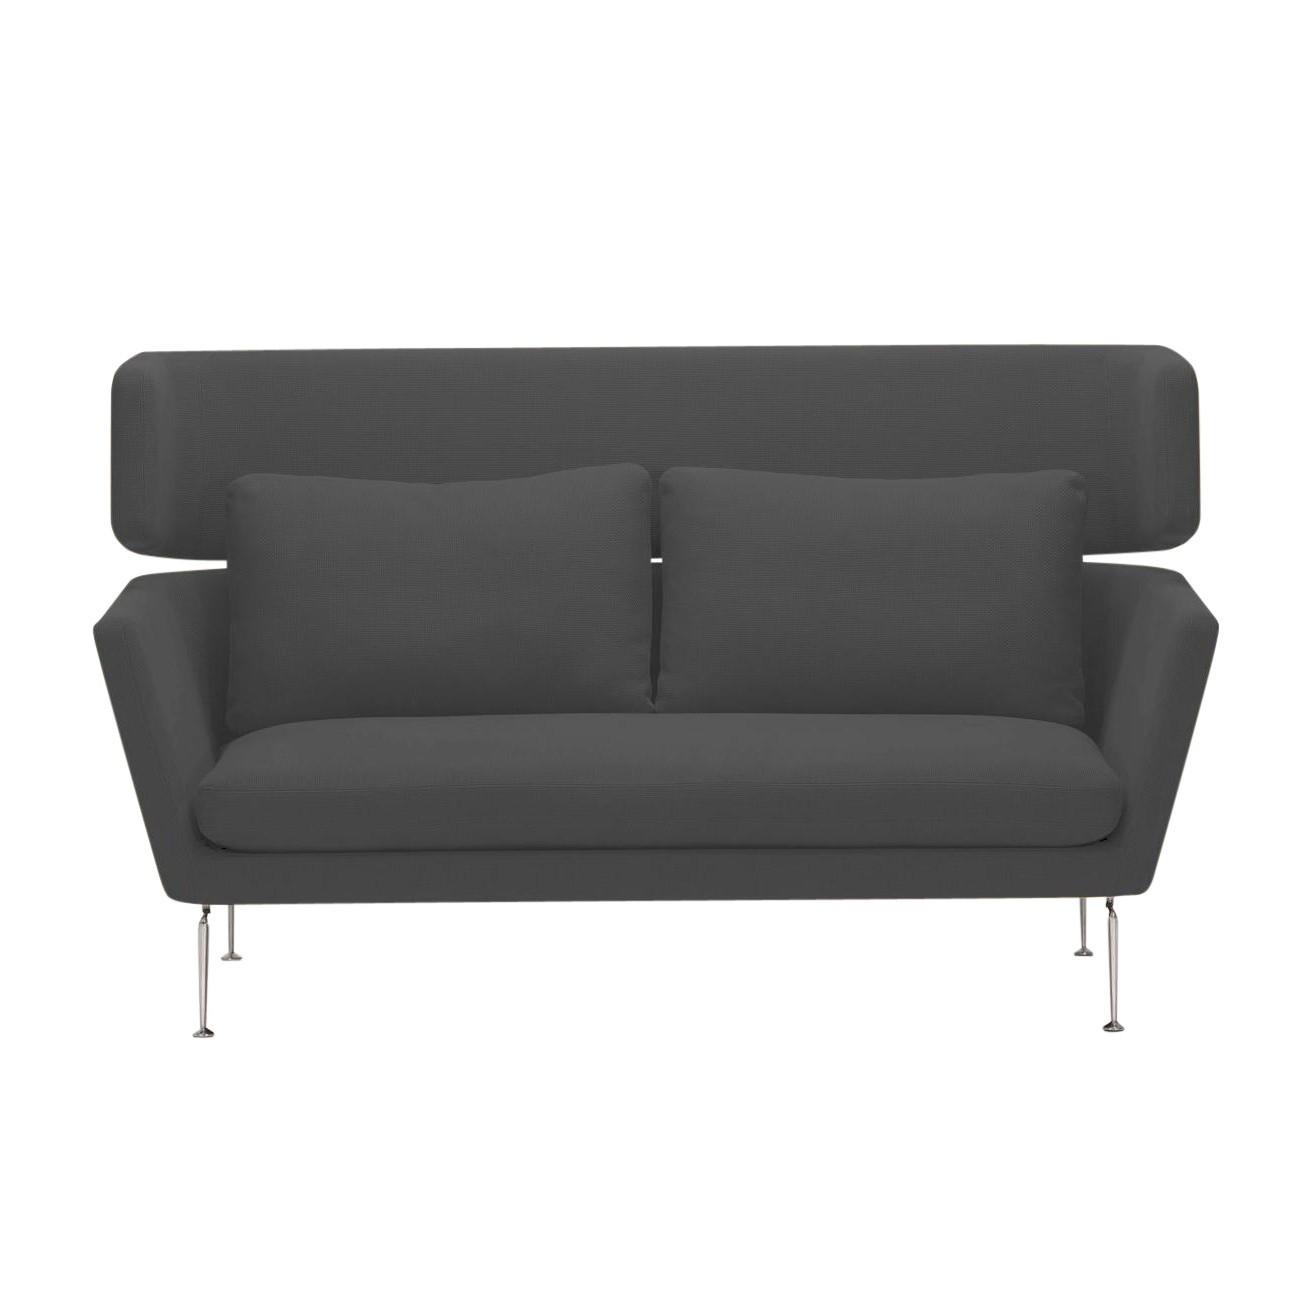 Strange Suita Citterio 2 Seater Sofa Spiritservingveterans Wood Chair Design Ideas Spiritservingveteransorg